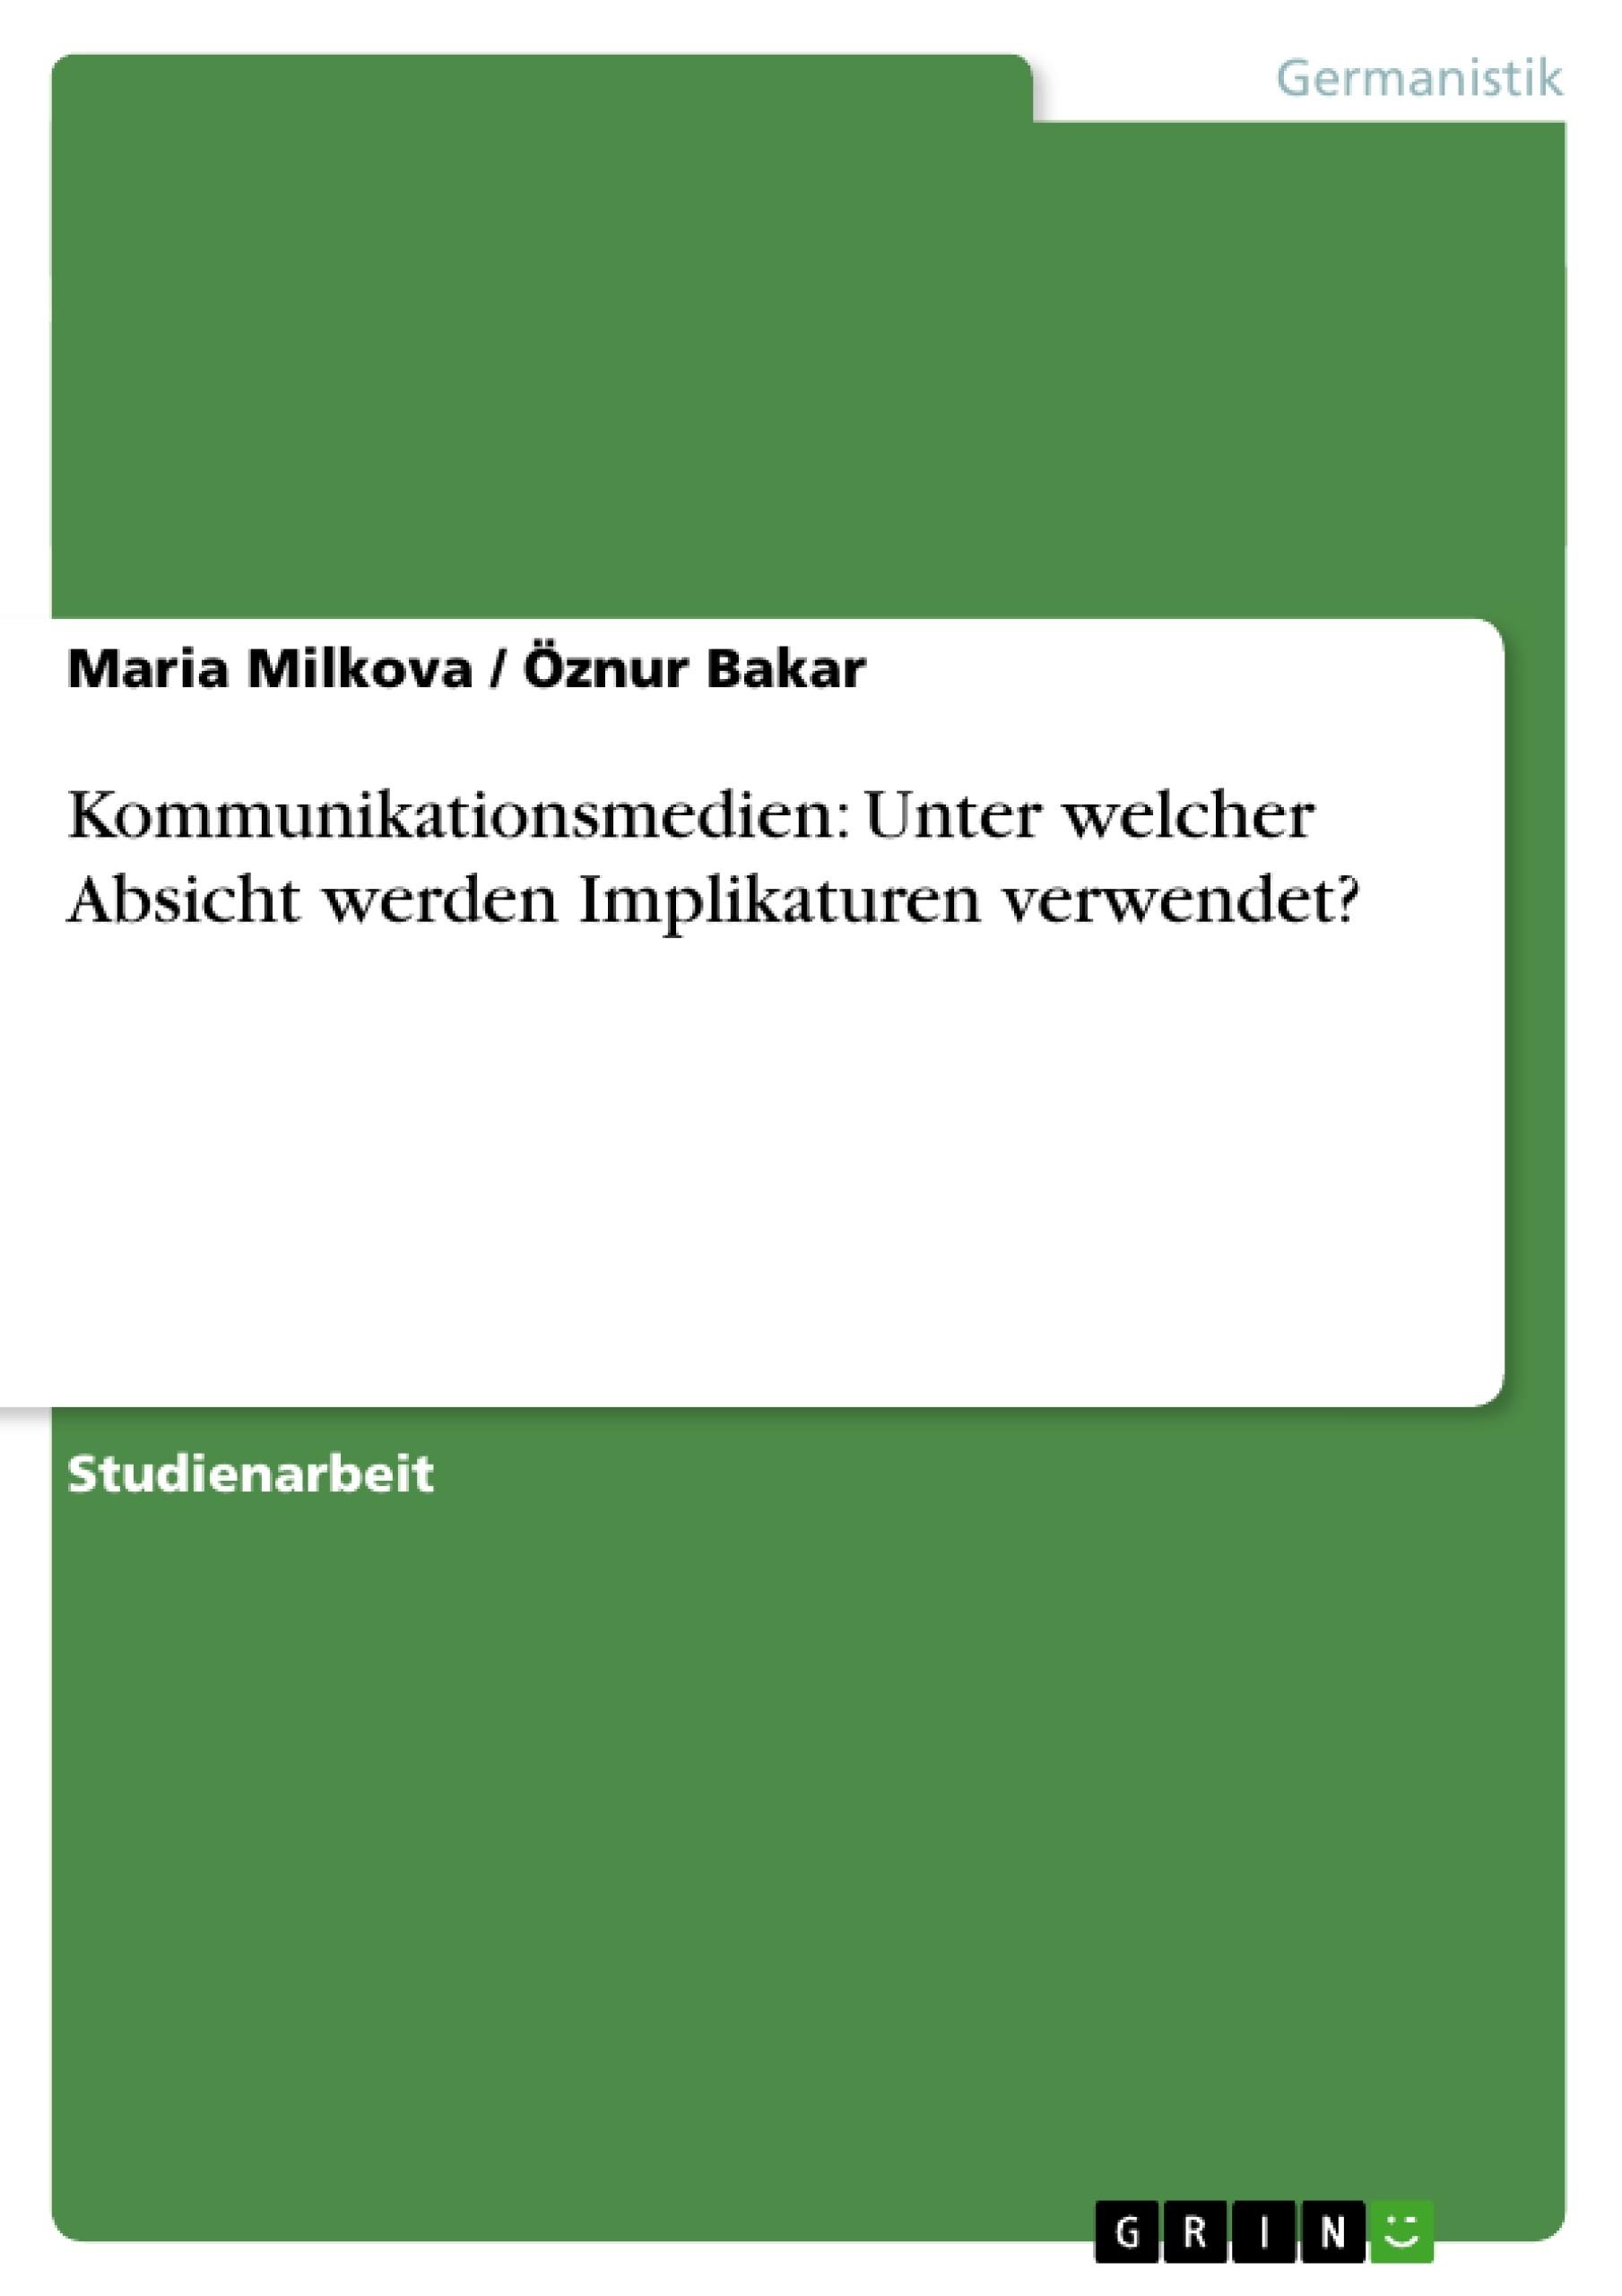 Titel: Kommunikationsmedien: Unter welcher Absicht werden Implikaturen verwendet?